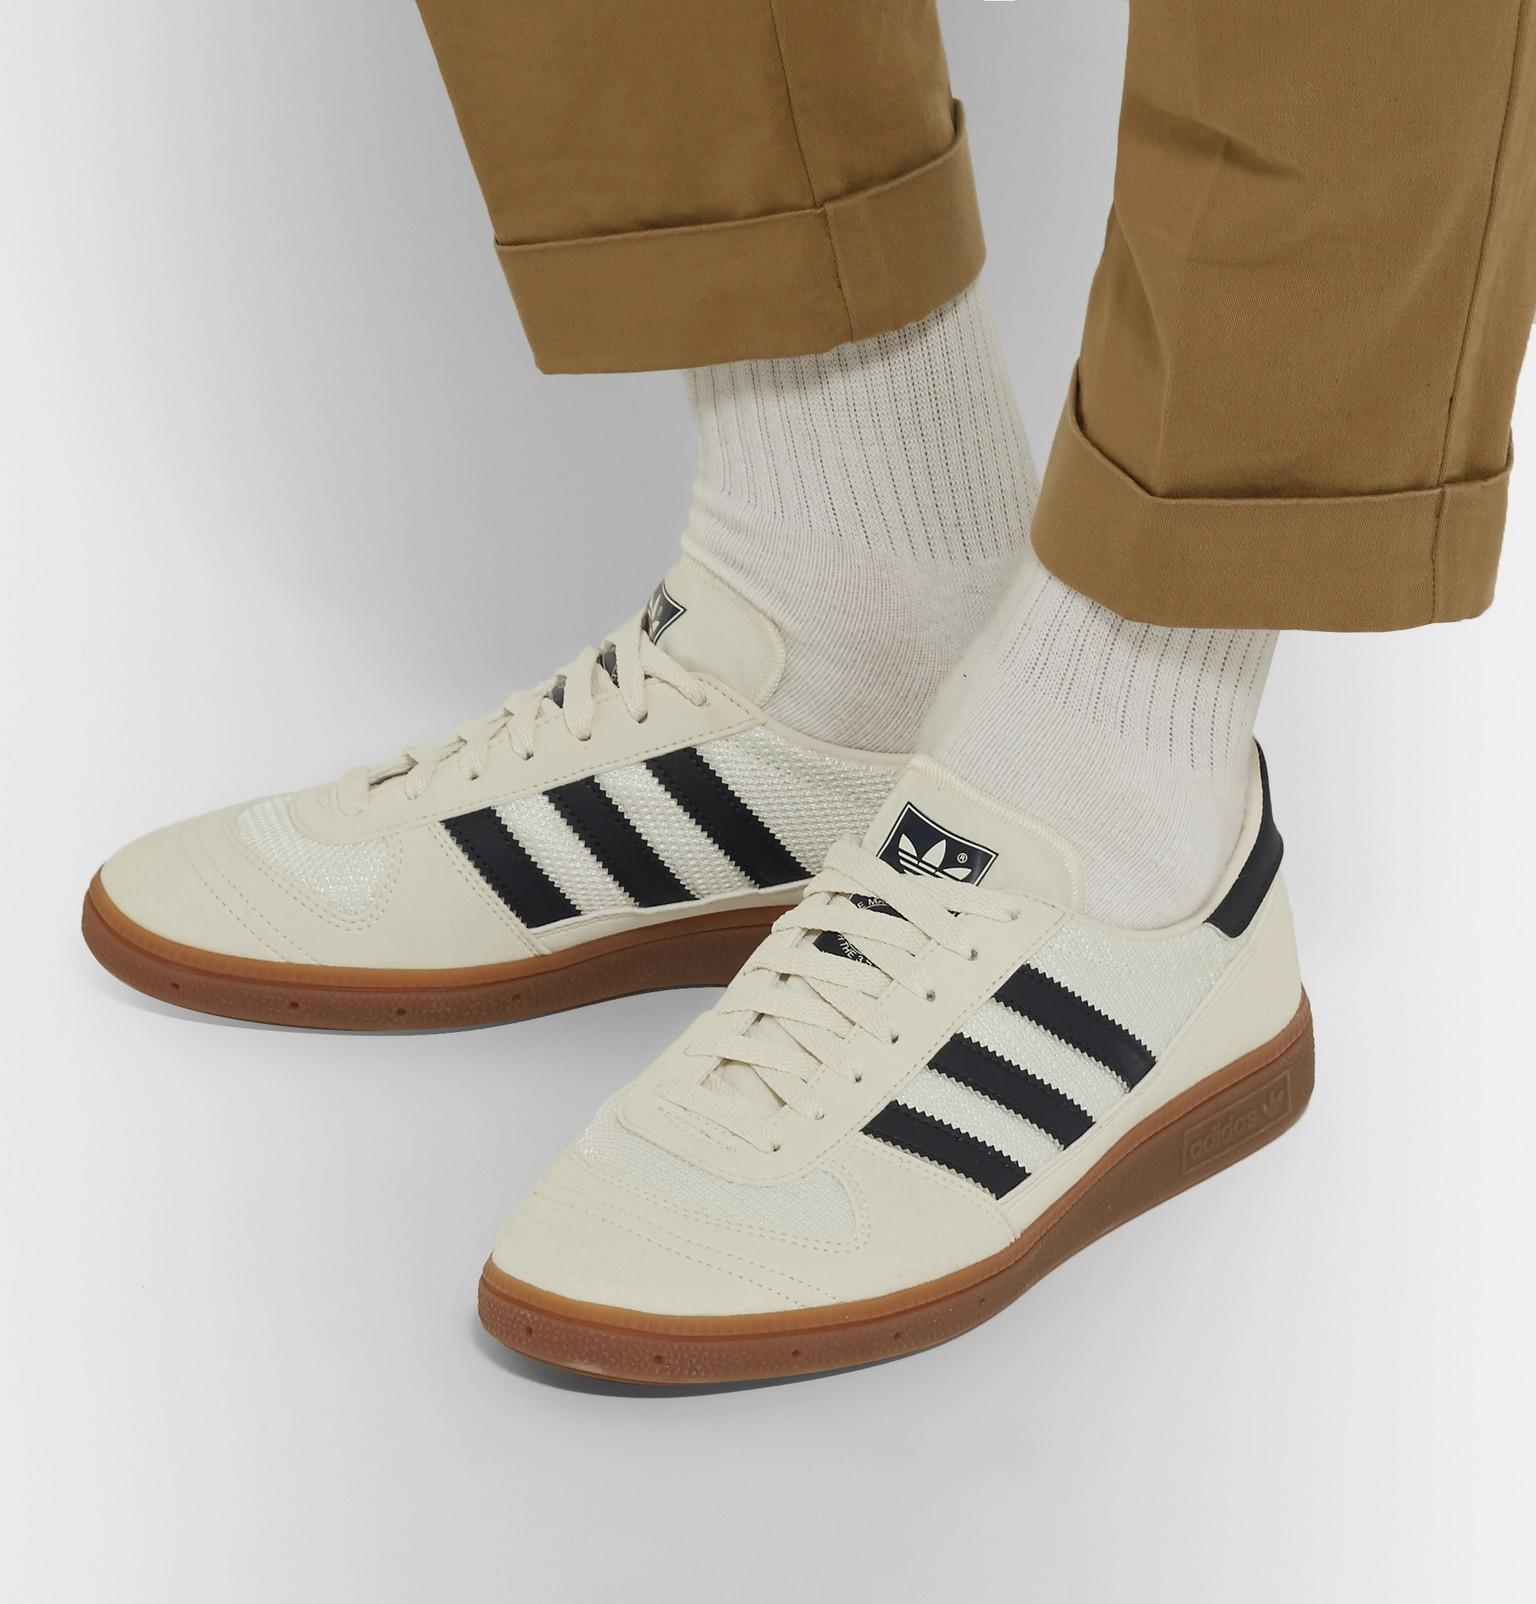 506312bb75e5 adidas Originals Lowertree Spezial Mesh